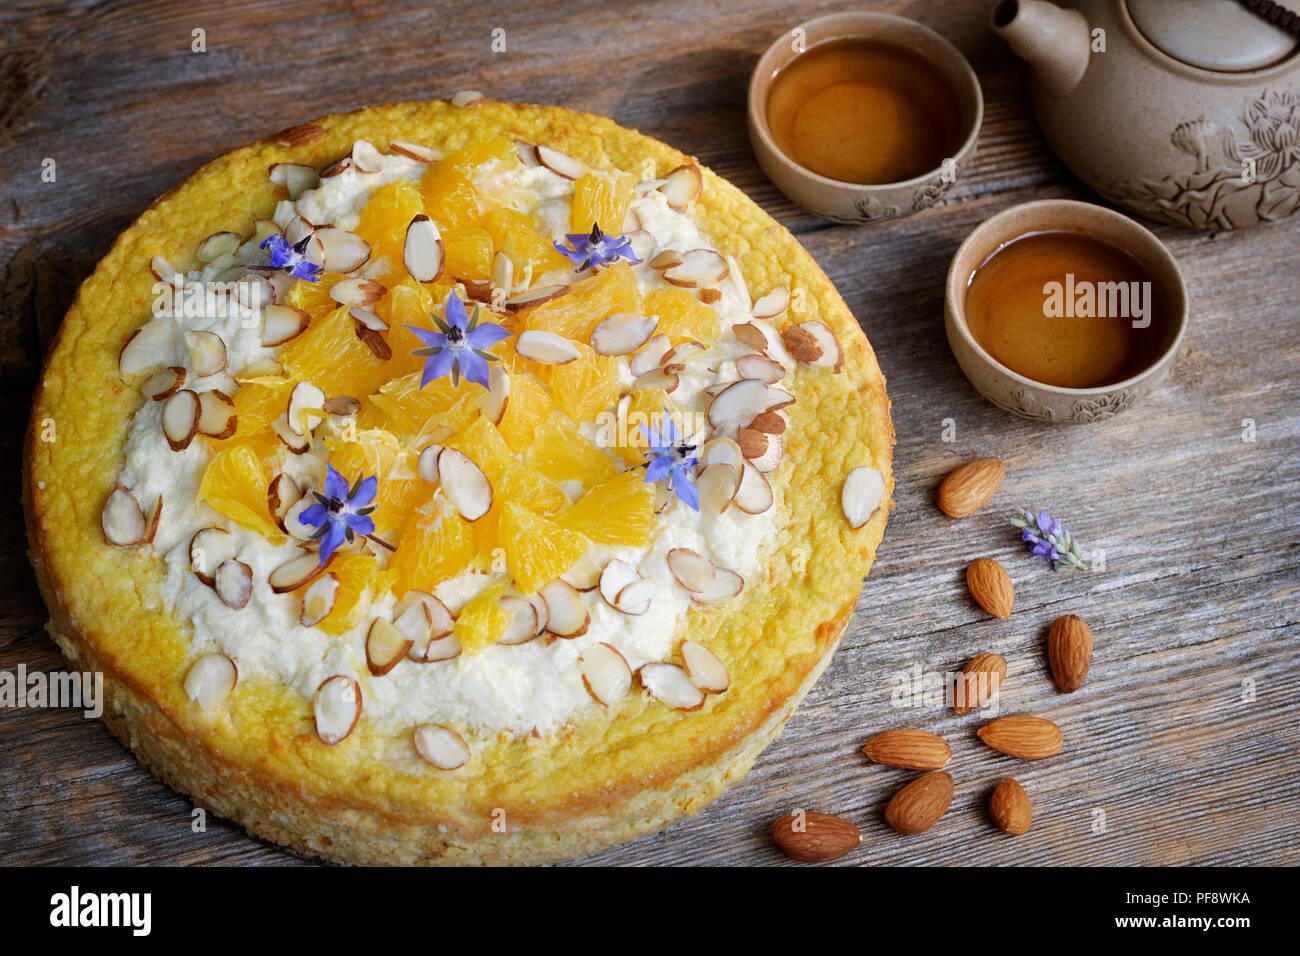 Gesundes Zuhause Flourless Zuckerfreie Vegan Obst Kuchen Aus Mehl